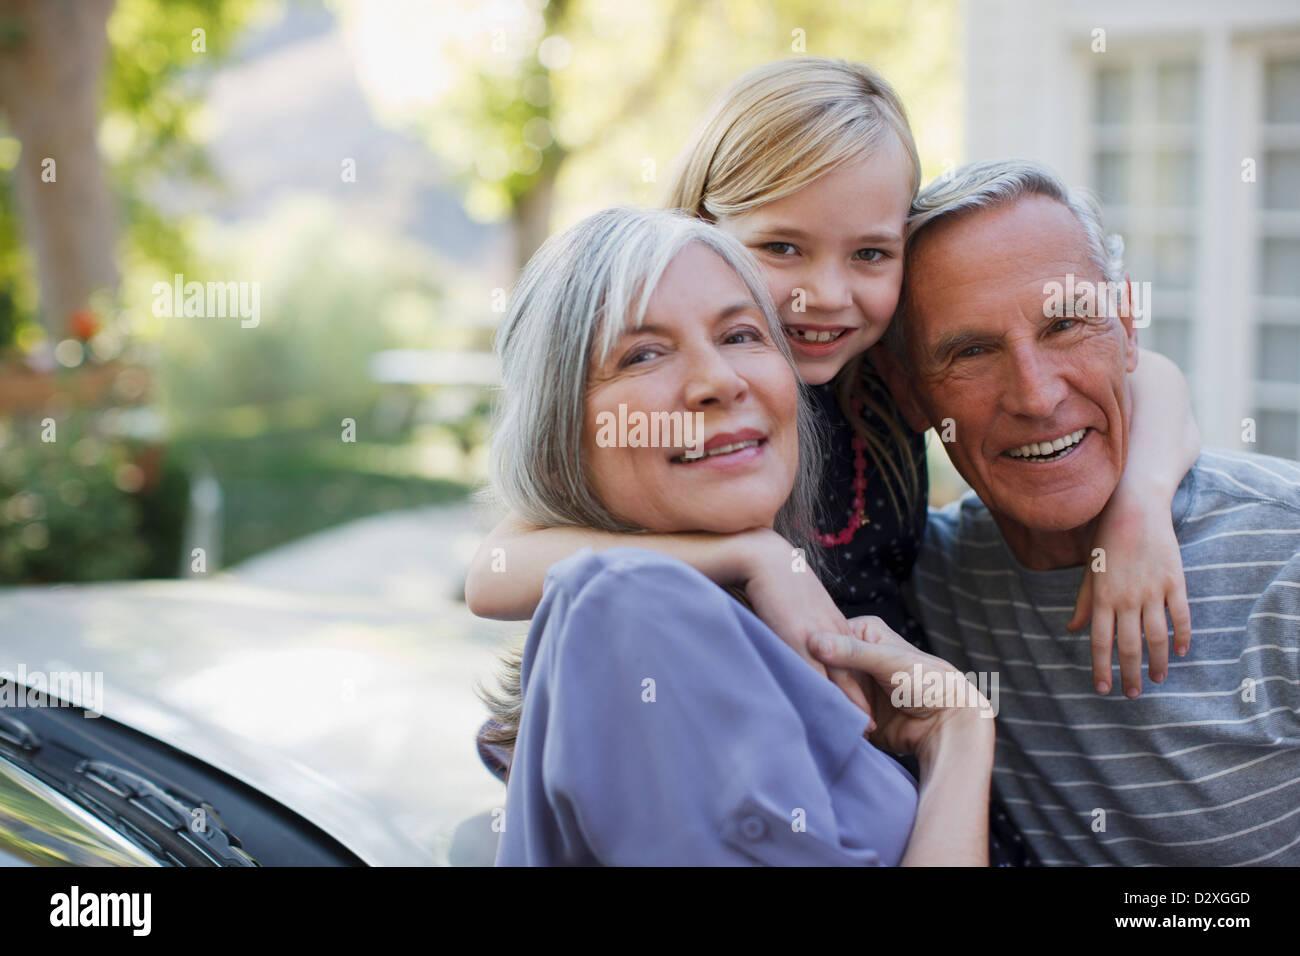 Pareja de ancianos abrazarse nieta Imagen De Stock